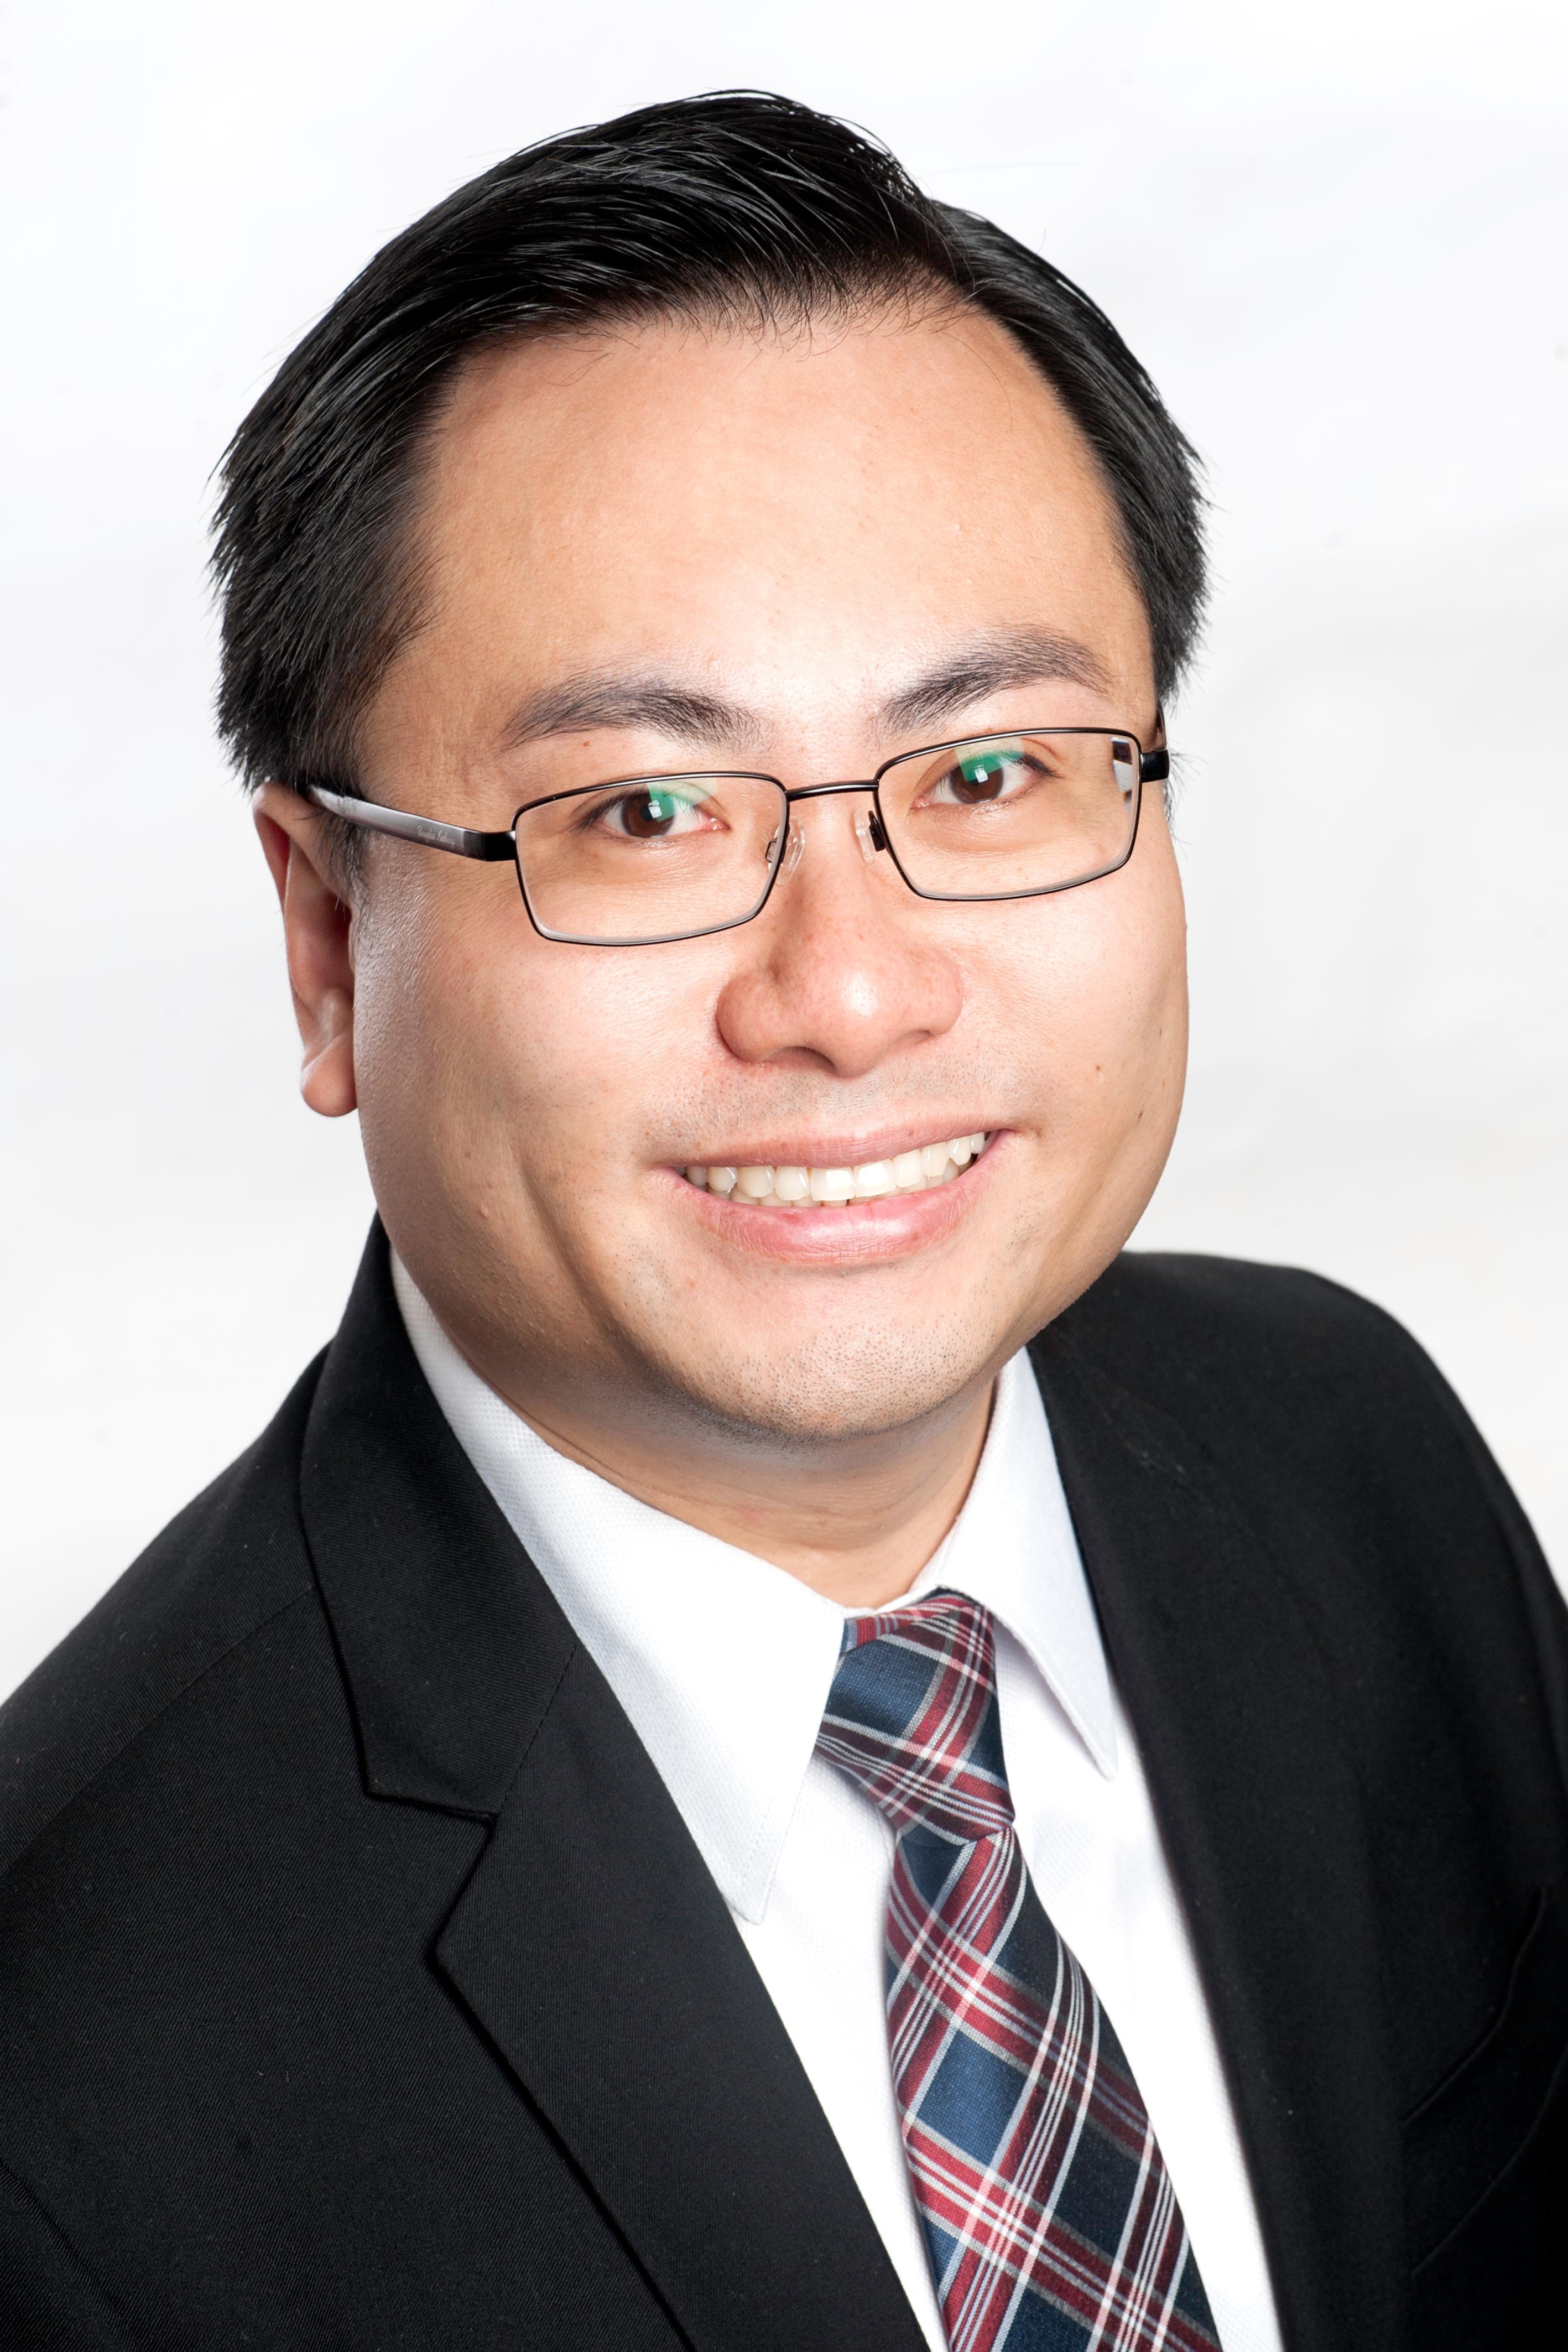 A/Prof Chik William